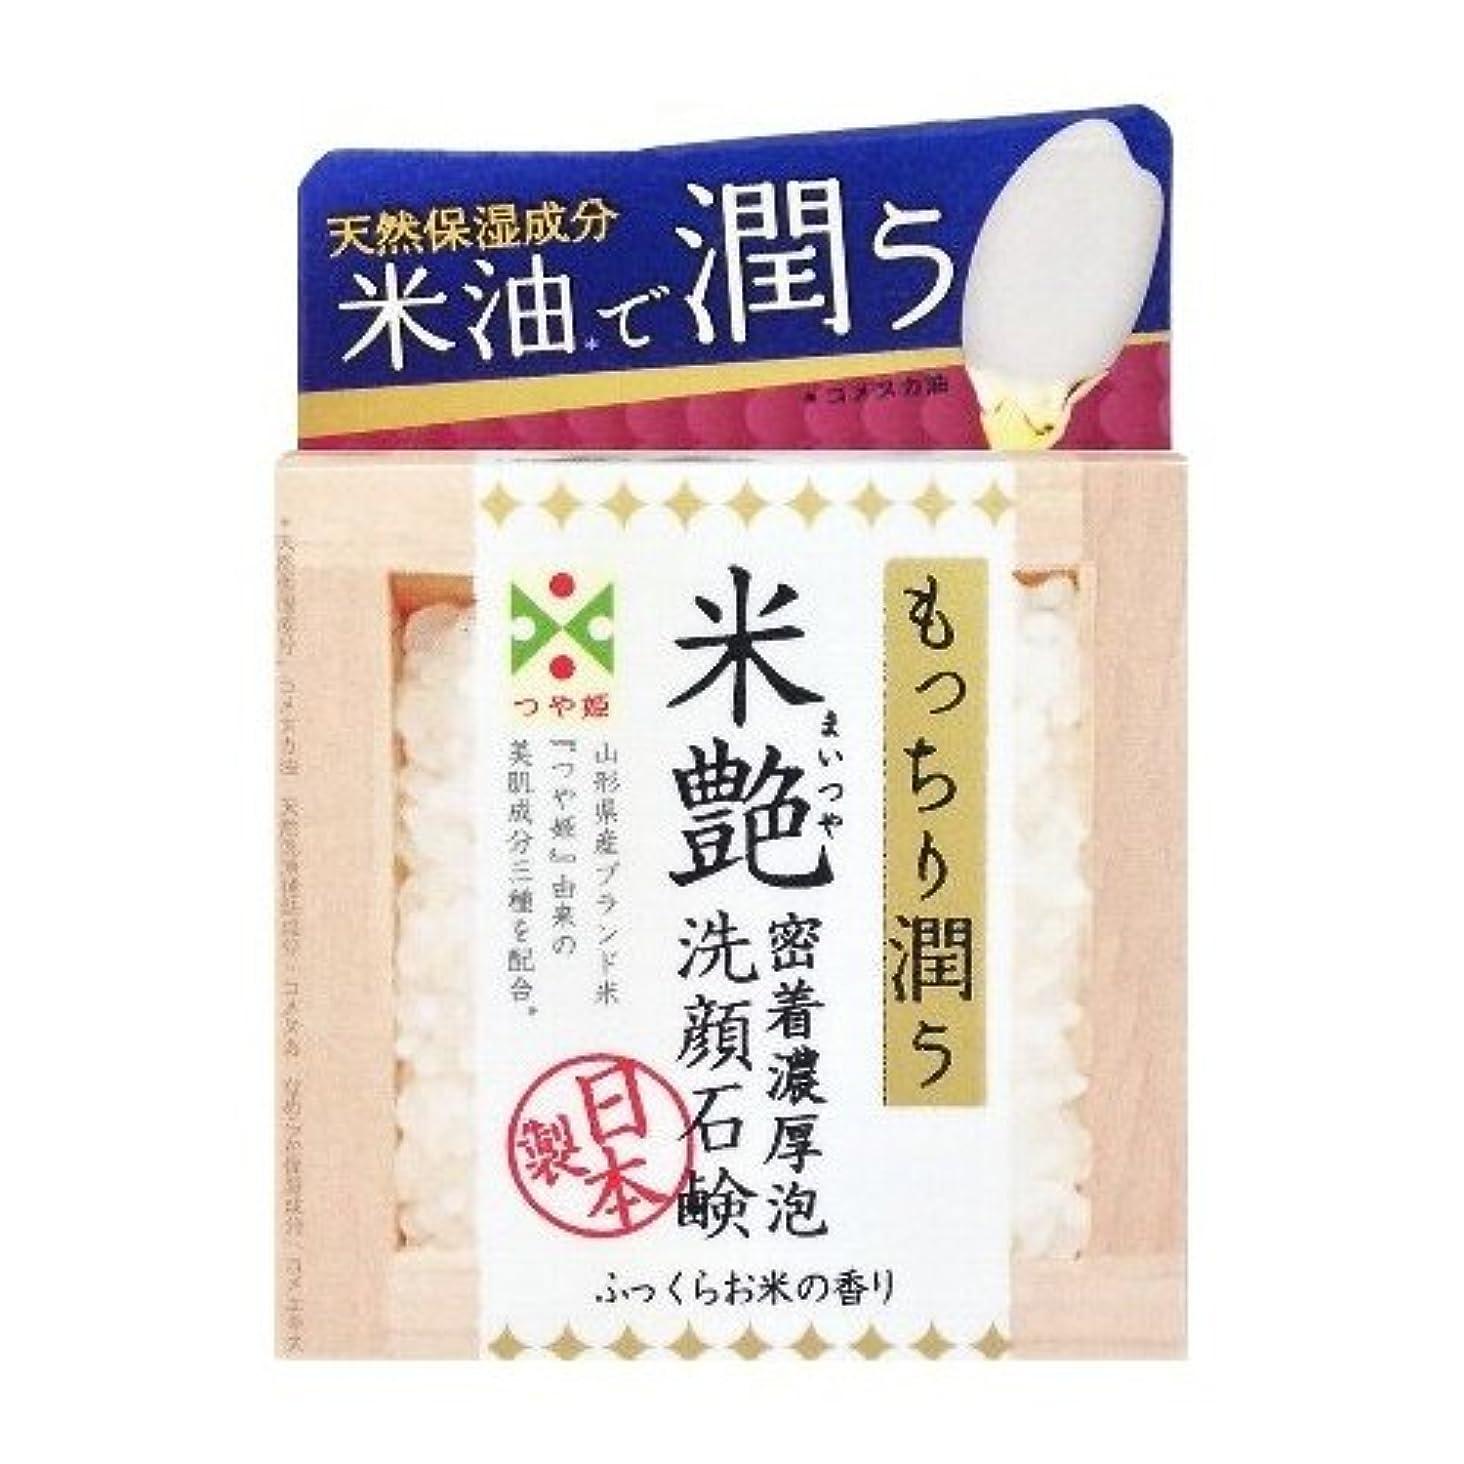 ダイヤモンドベッドを作る小道ペリカン石鹸 米艶洗顔石鹸 100g